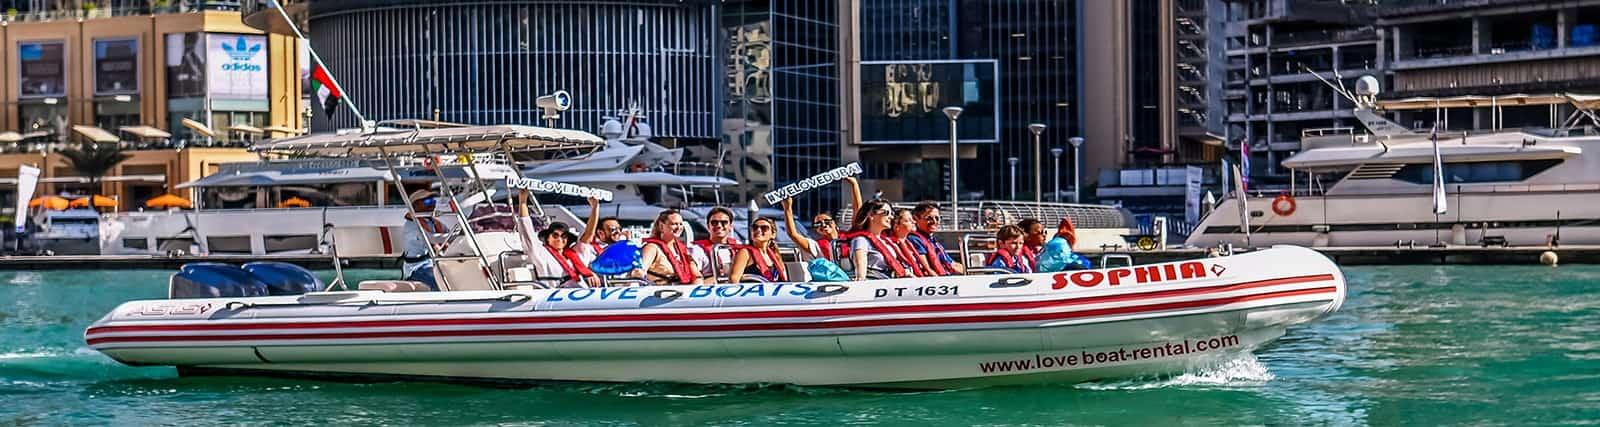 love boat ride couple